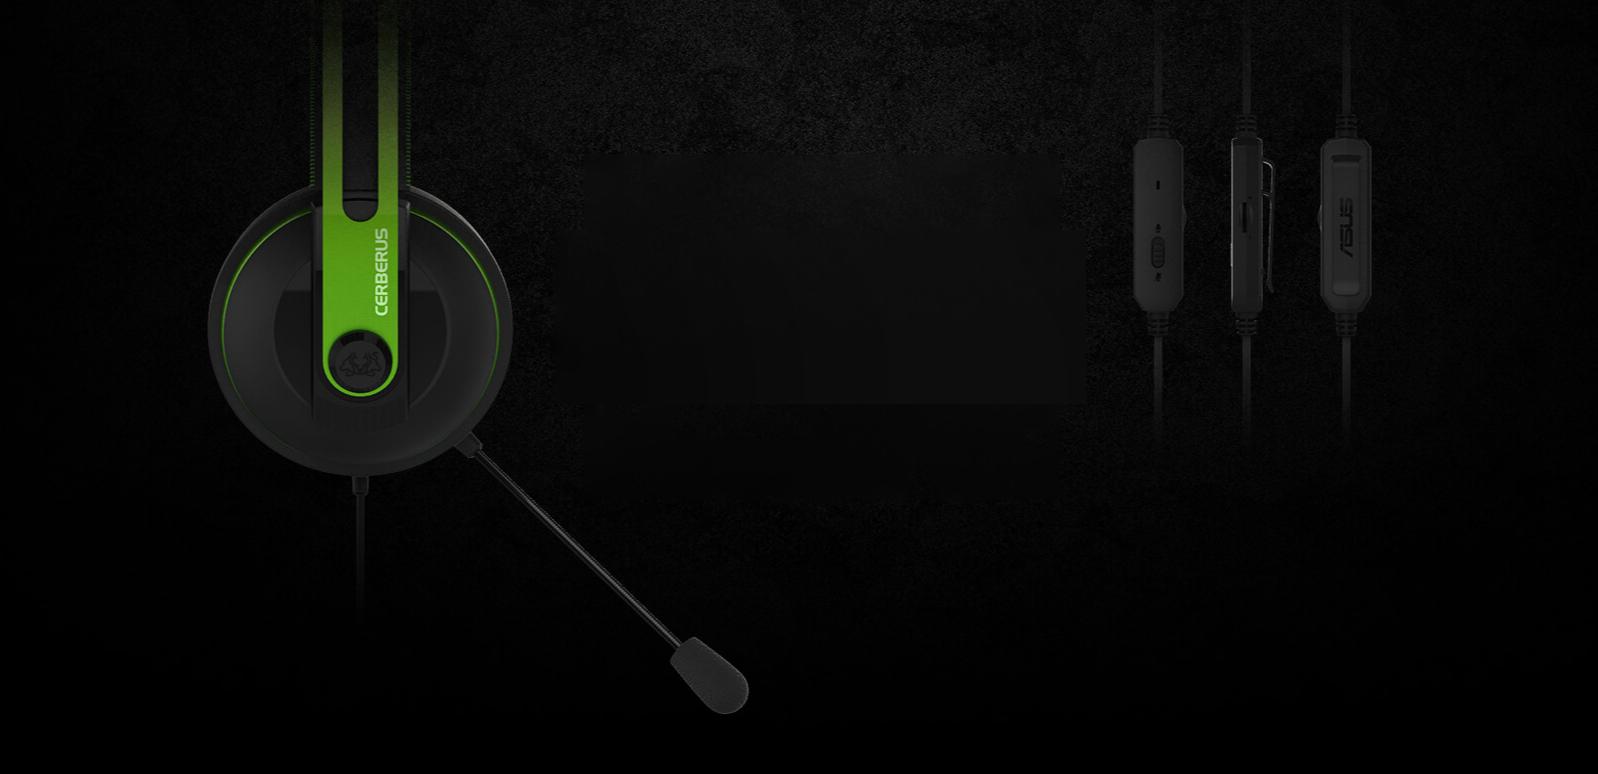 Tai nghe ASUS Cerberus V2 (Green, 3.5) trang bị micro kép thuận tiện